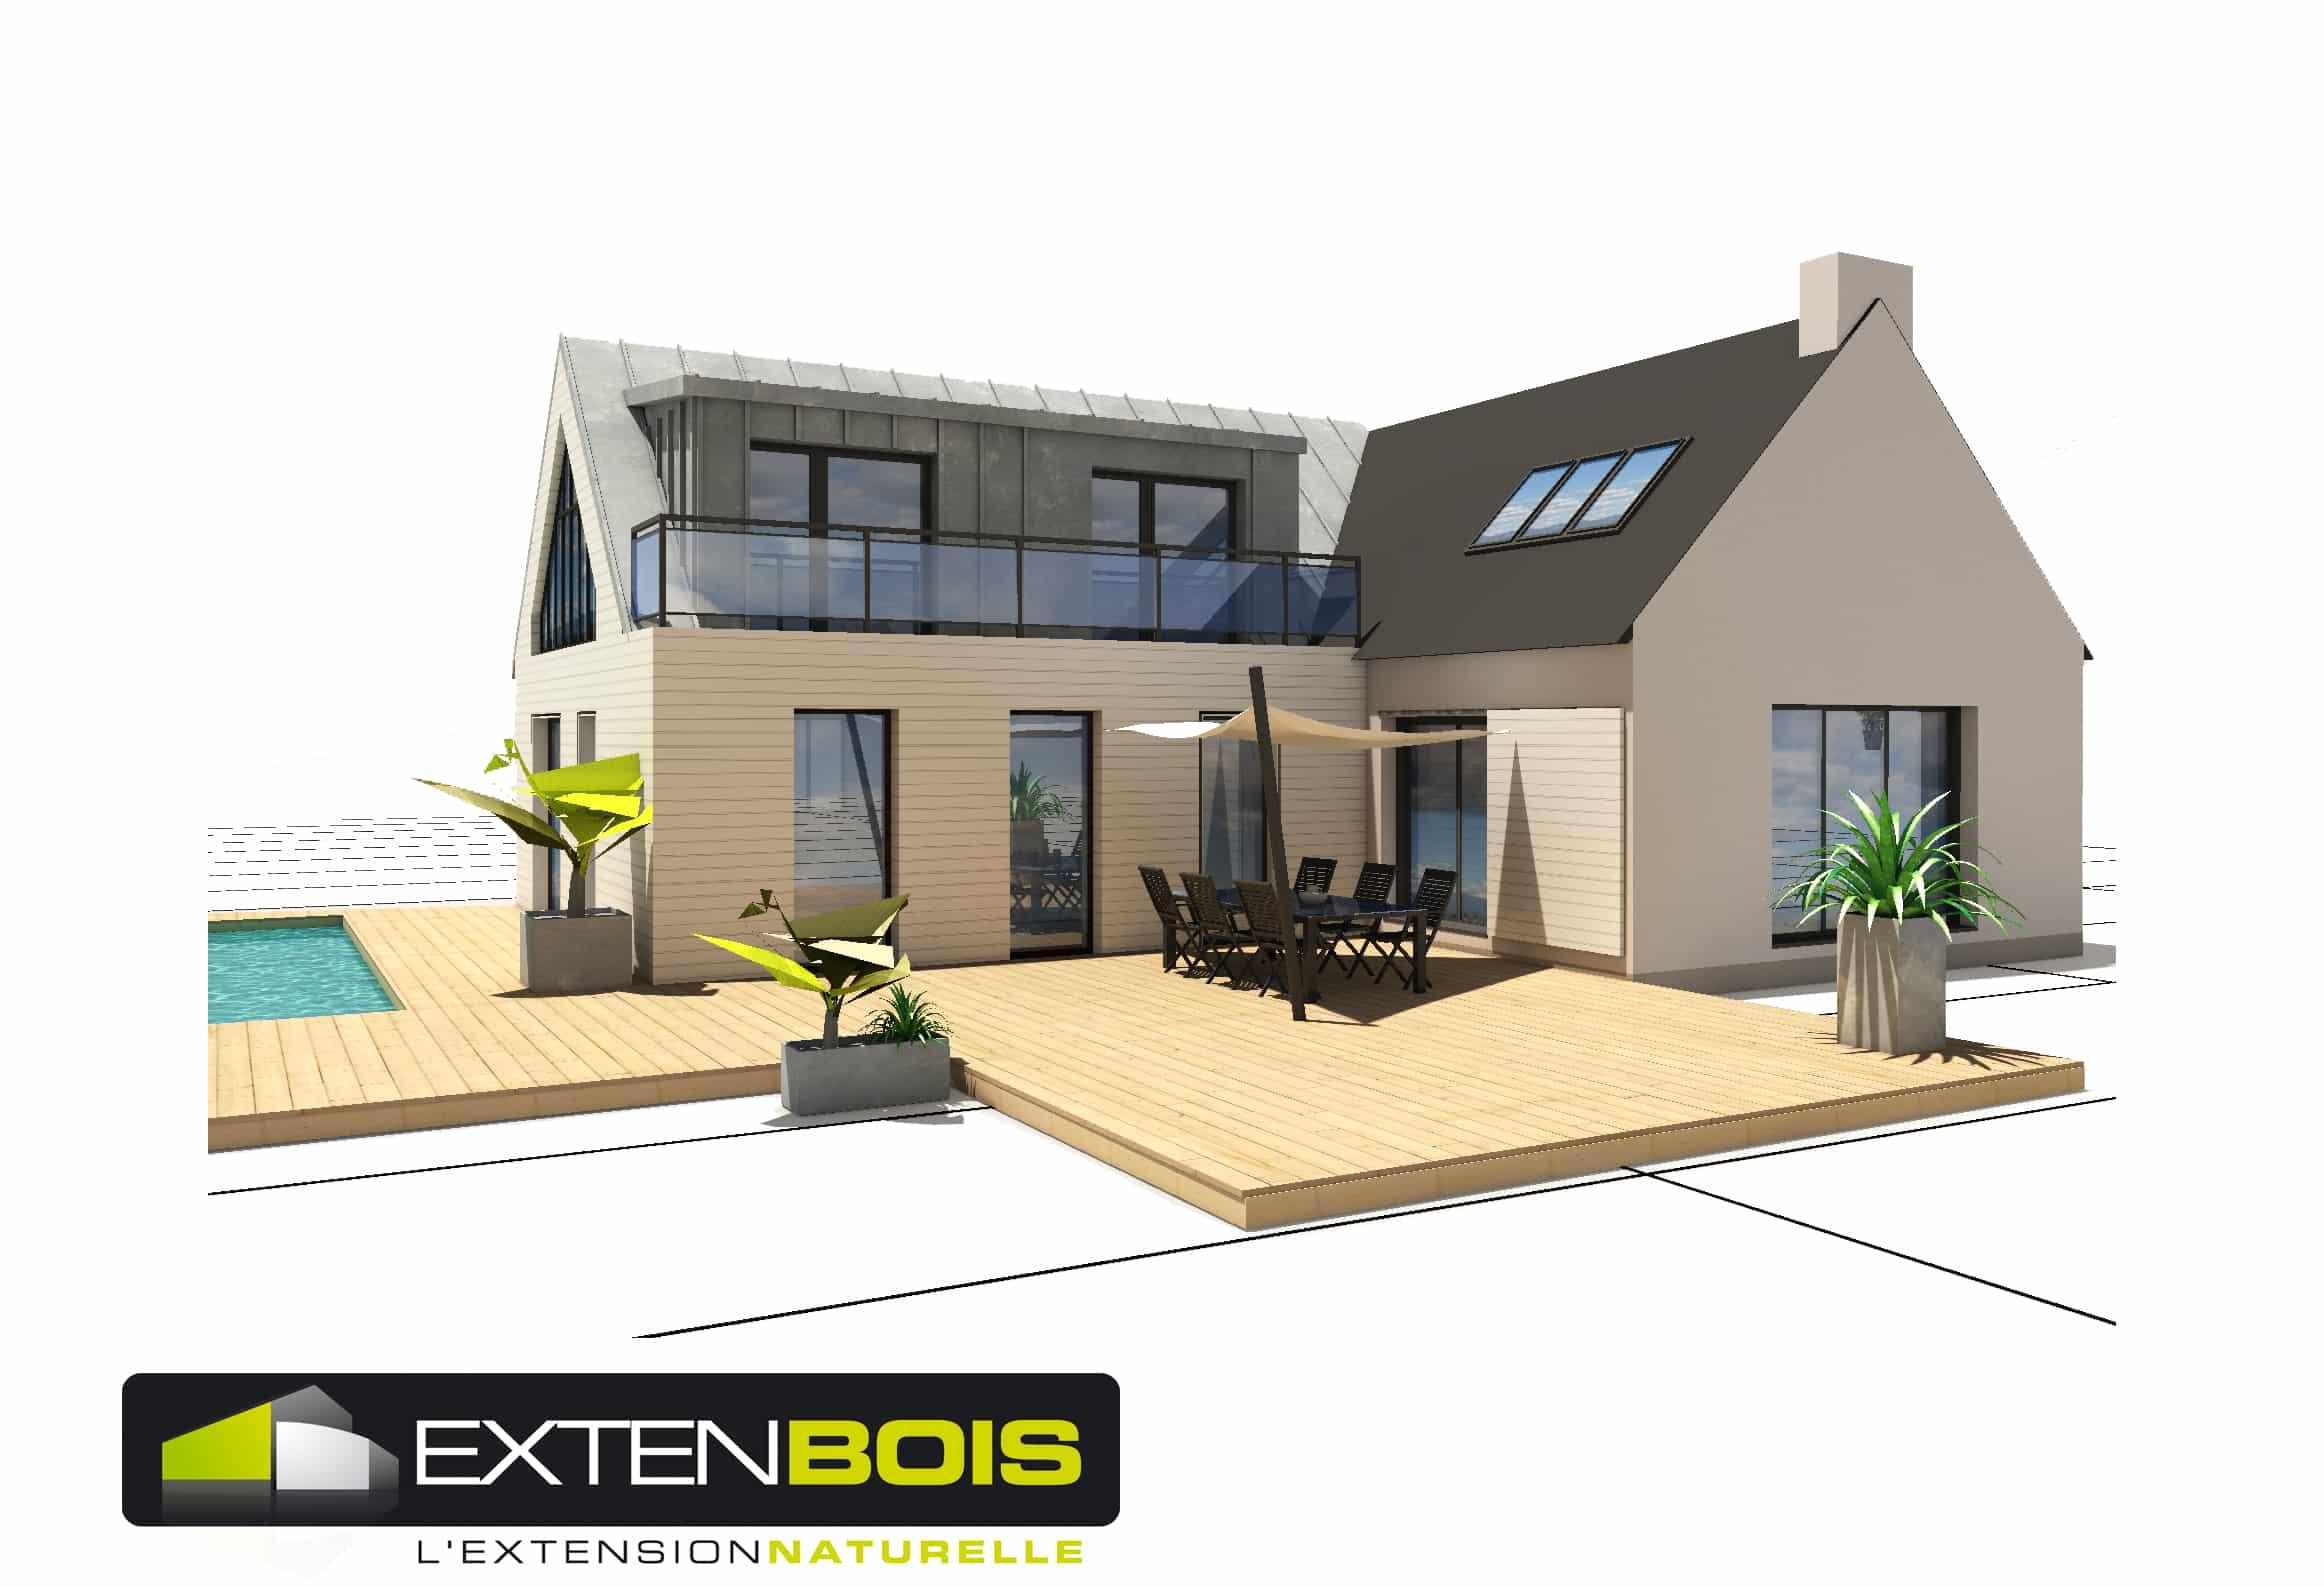 grande extension bois avec tage en ille et vilaine. Black Bedroom Furniture Sets. Home Design Ideas